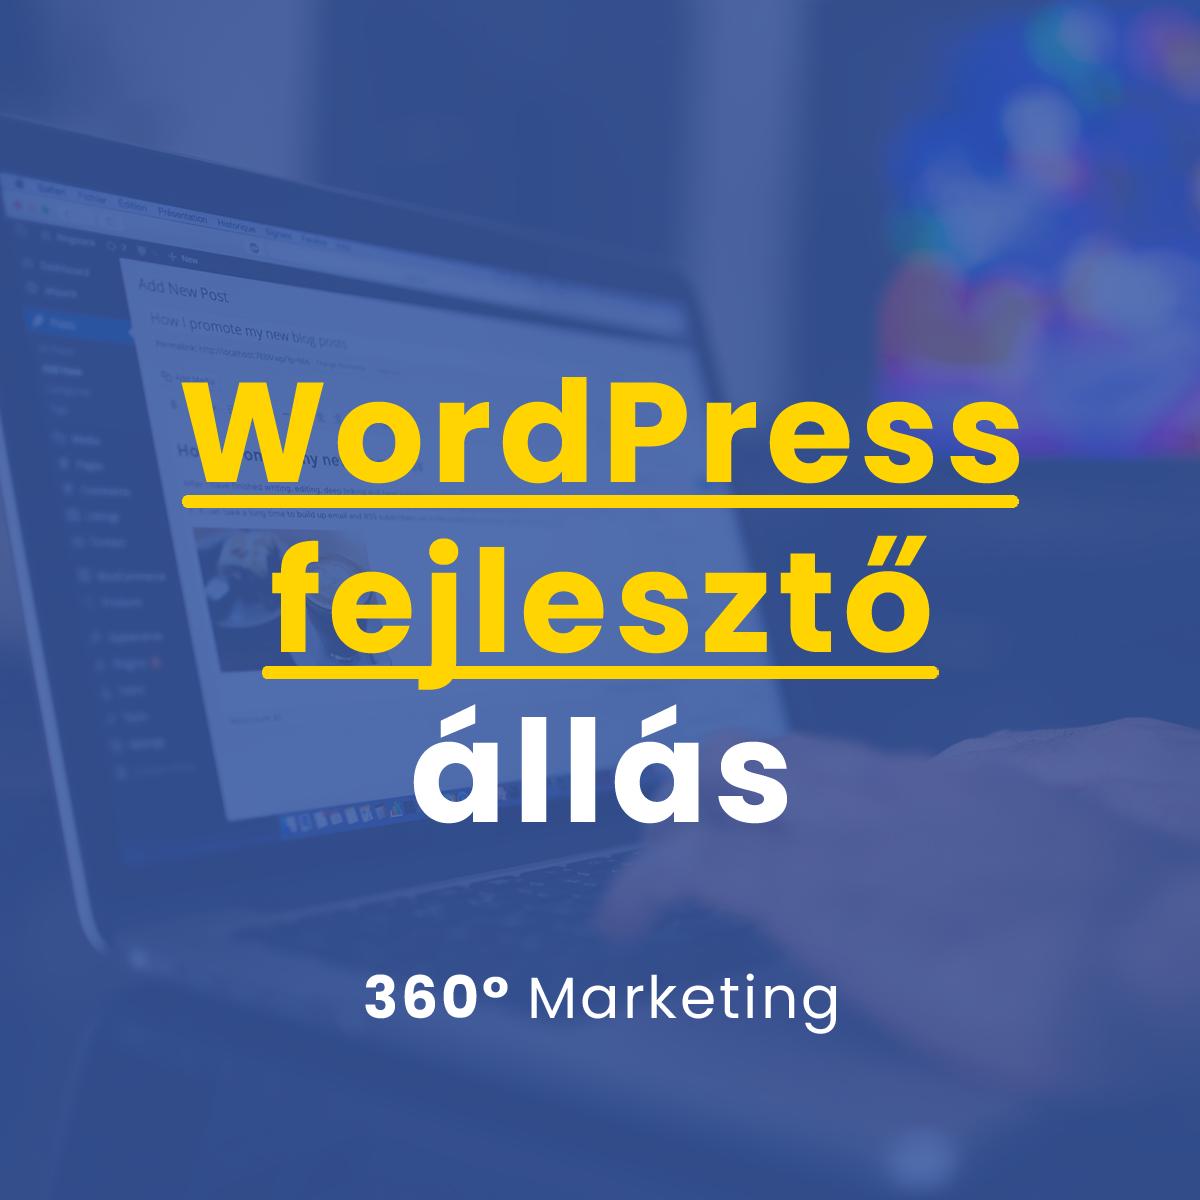 WordPress fejlesztő állás